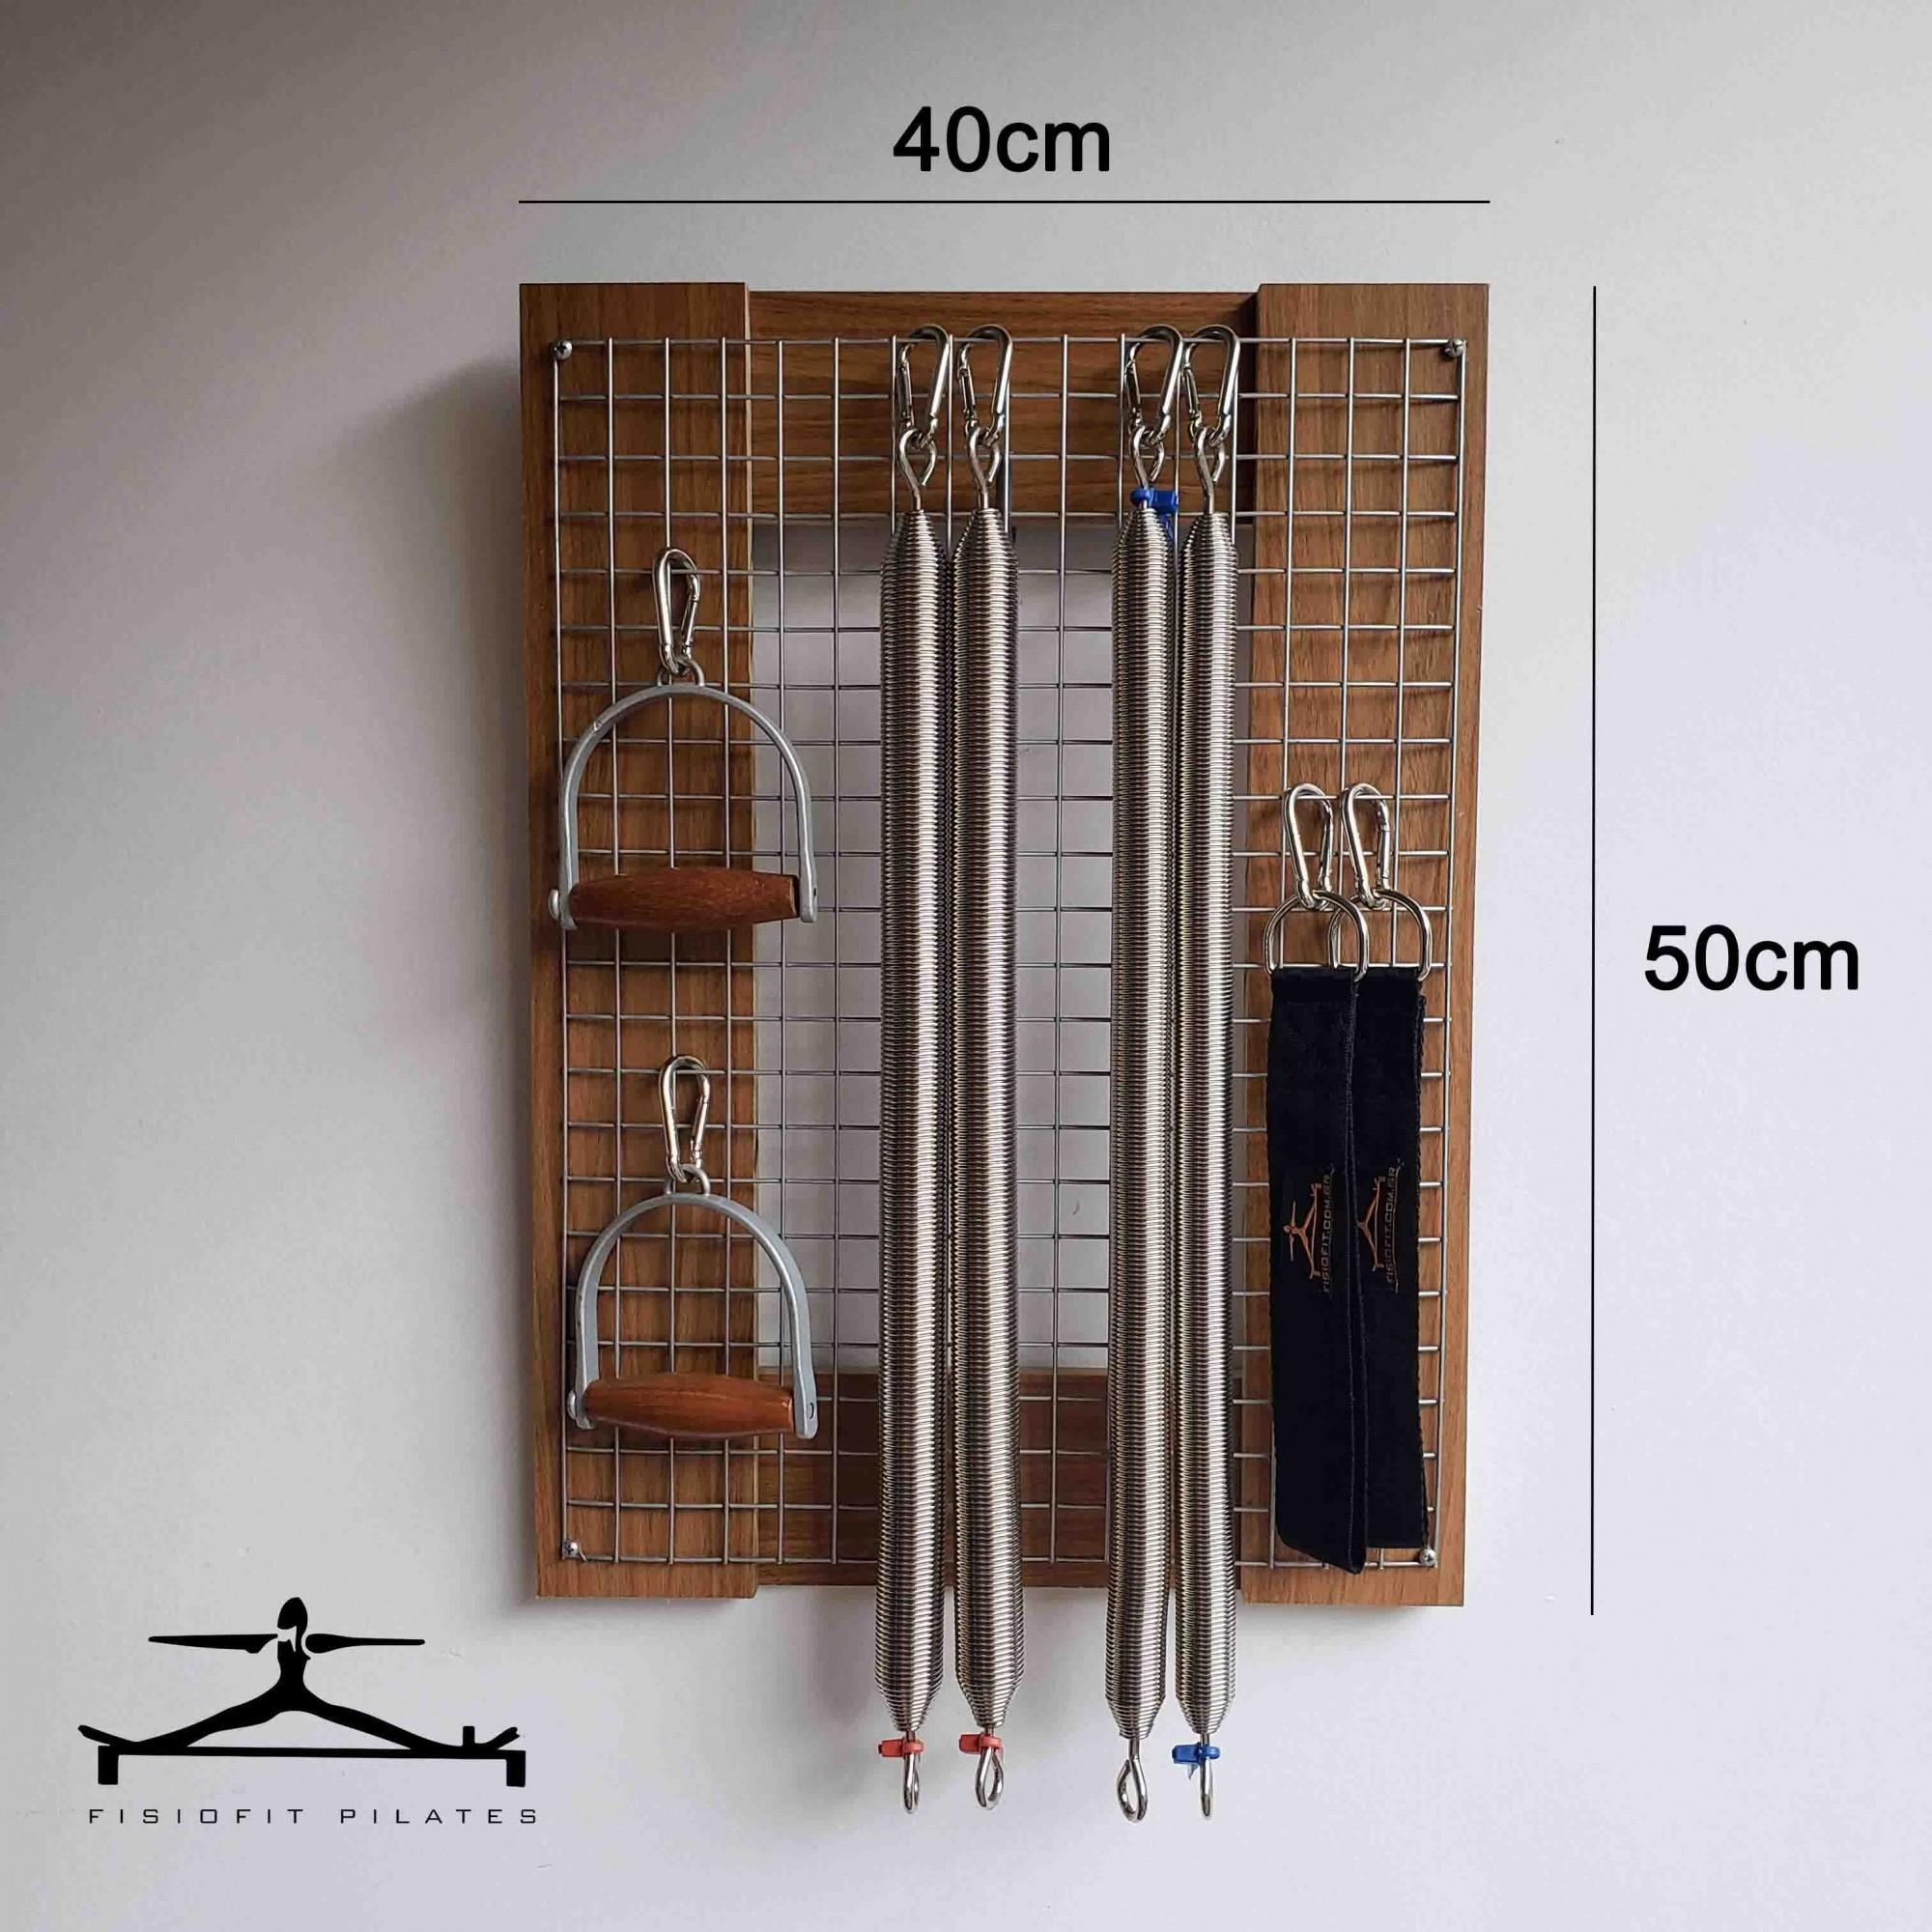 Kit de Molas para Cadilac - 10 molas